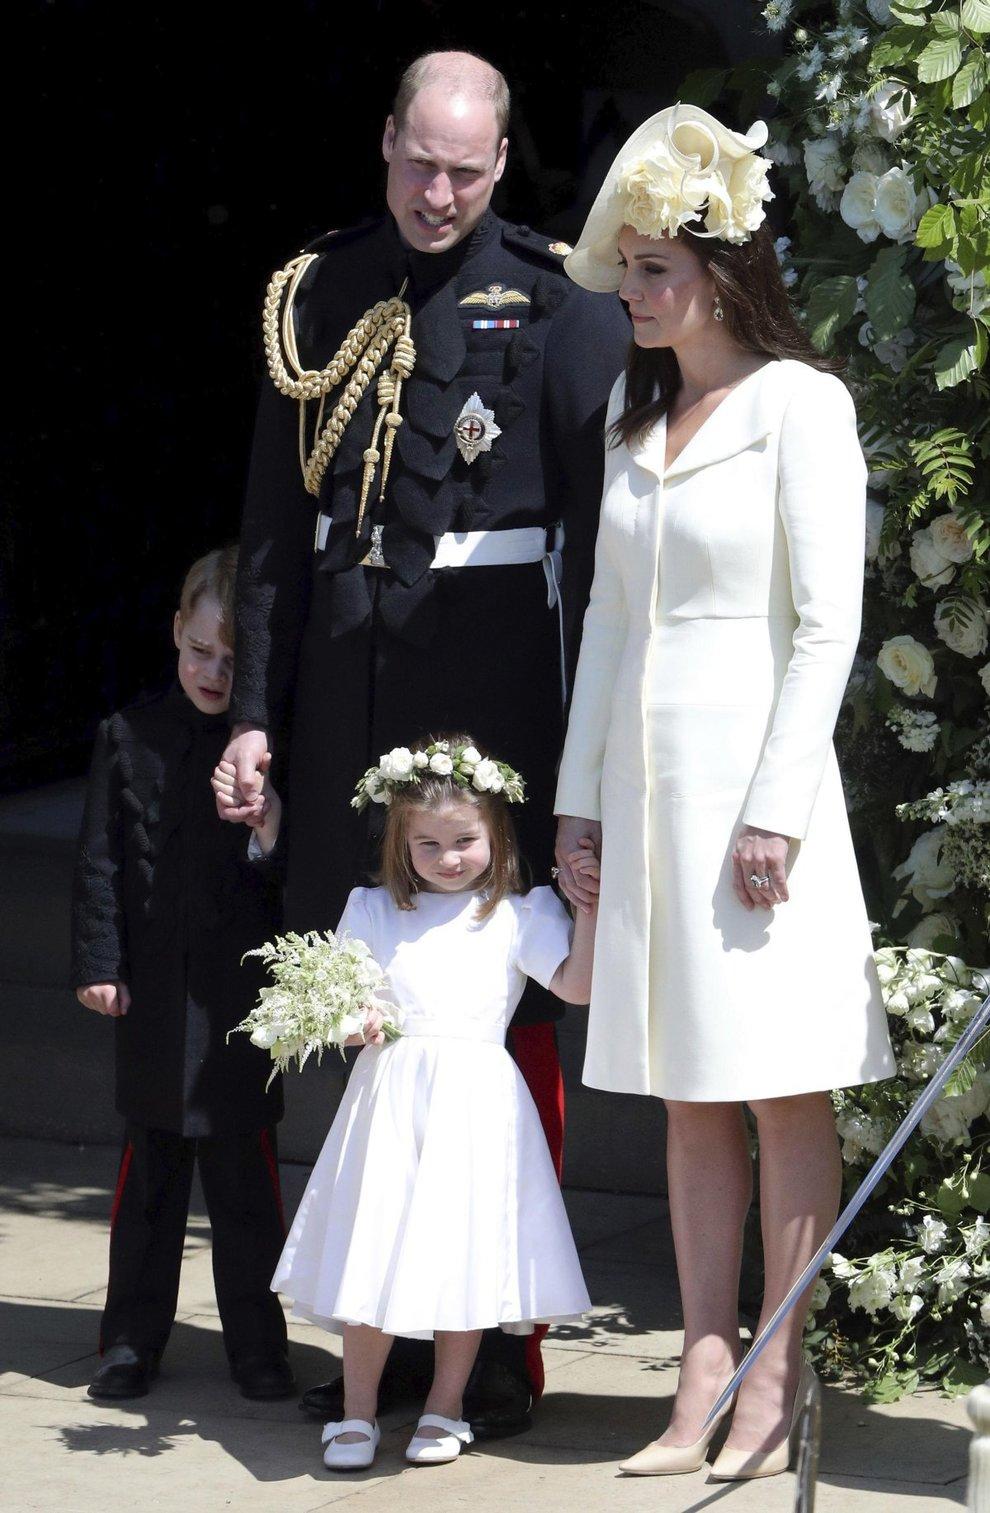 Il Vestito Cognato Del Ricicla Harry E Per Matrimonio MeghanKate eH2WDIYE9